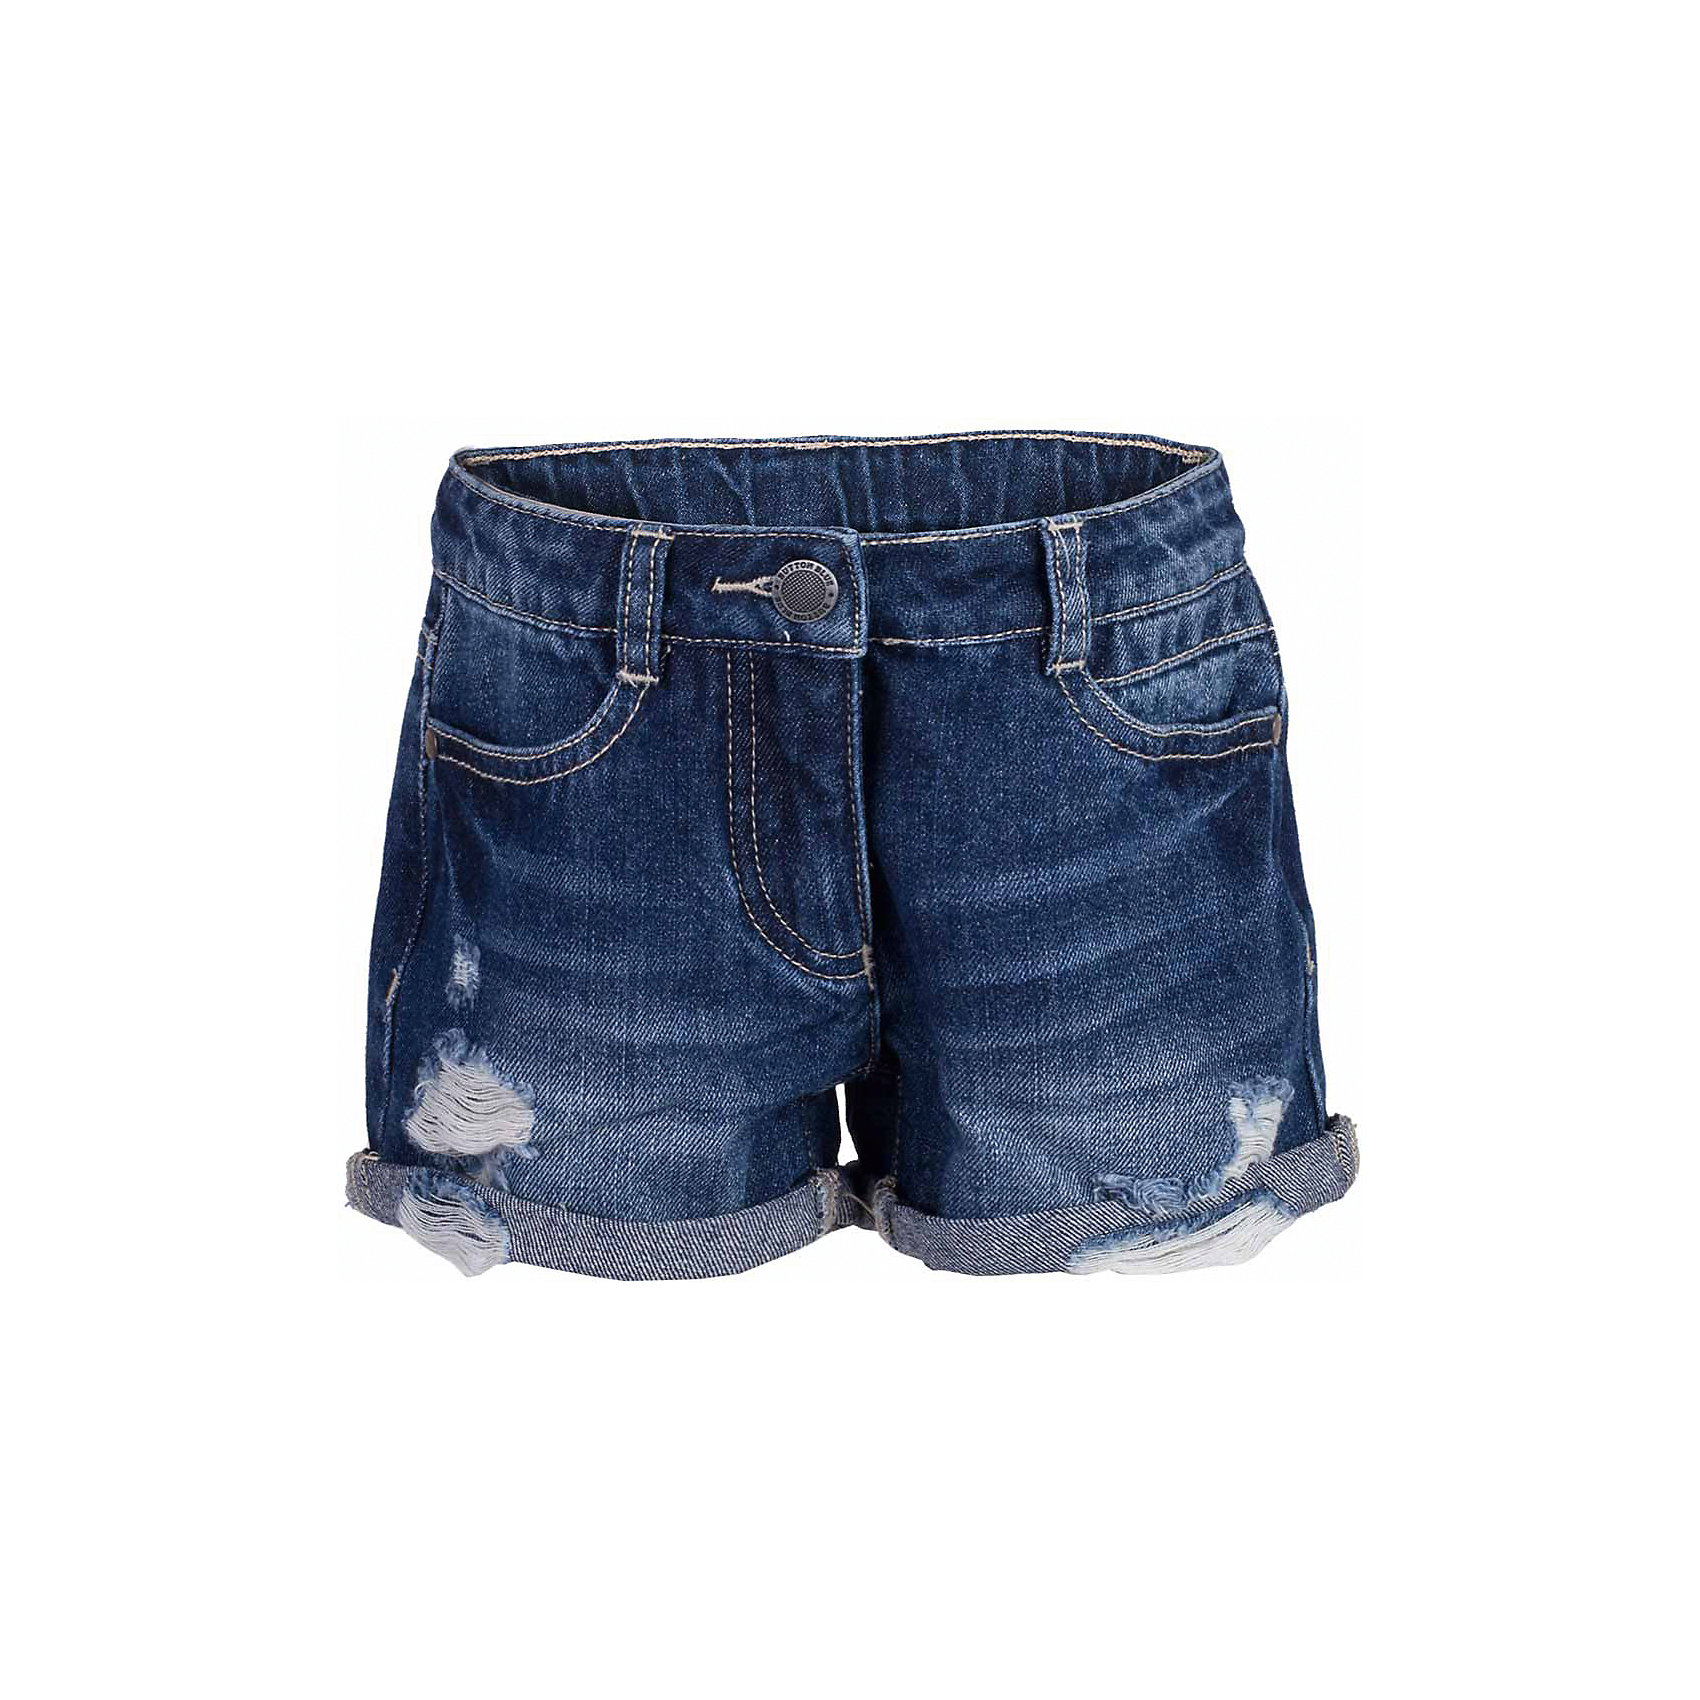 Шорты джинсовые для девочки  BUTTON BLUEШорты, бриджи, капри<br>Шорты для девочки  BUTTON BLUE<br>Джинсовые шорты - залог стильного образа для каждого дня жаркого лета. Отличные шорты по доступной цене гарантируют достойный внешний вид, комфорт и свободу движений. В компании с любой майкой, футболкой, топом, шорты составят прекрасный летний комплект. Если вы хотите купить недорогие детские джинсовые шорты, не сомневаясь в их качестве, высоких потребительских свойствах и соответствии модным трендам, шорты от Button Blue - отличный вариант!<br>Состав:<br>100%  хлопок<br><br>Ширина мм: 191<br>Глубина мм: 10<br>Высота мм: 175<br>Вес г: 273<br>Цвет: синий<br>Возраст от месяцев: 48<br>Возраст до месяцев: 60<br>Пол: Женский<br>Возраст: Детский<br>Размер: 110,116,122,128,134,140,146,152,158,98,104<br>SKU: 5523616